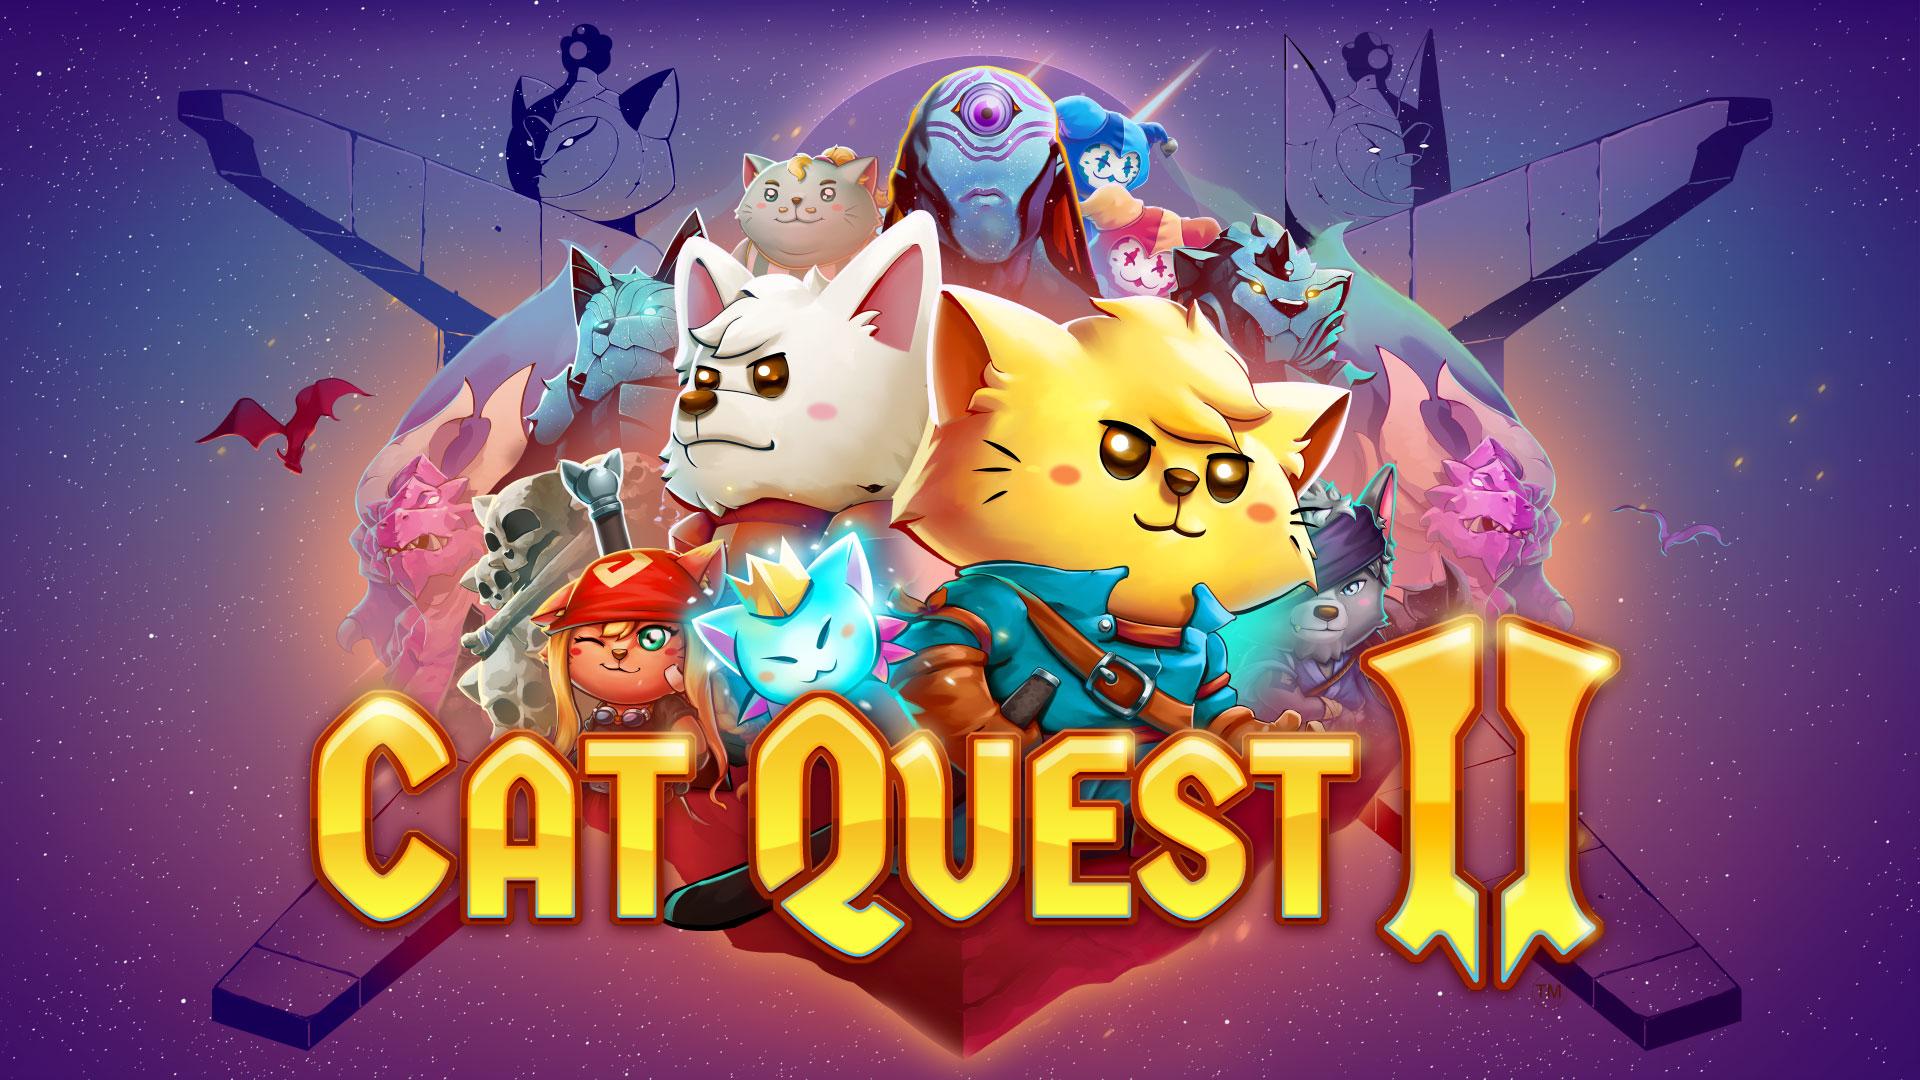 catquest II